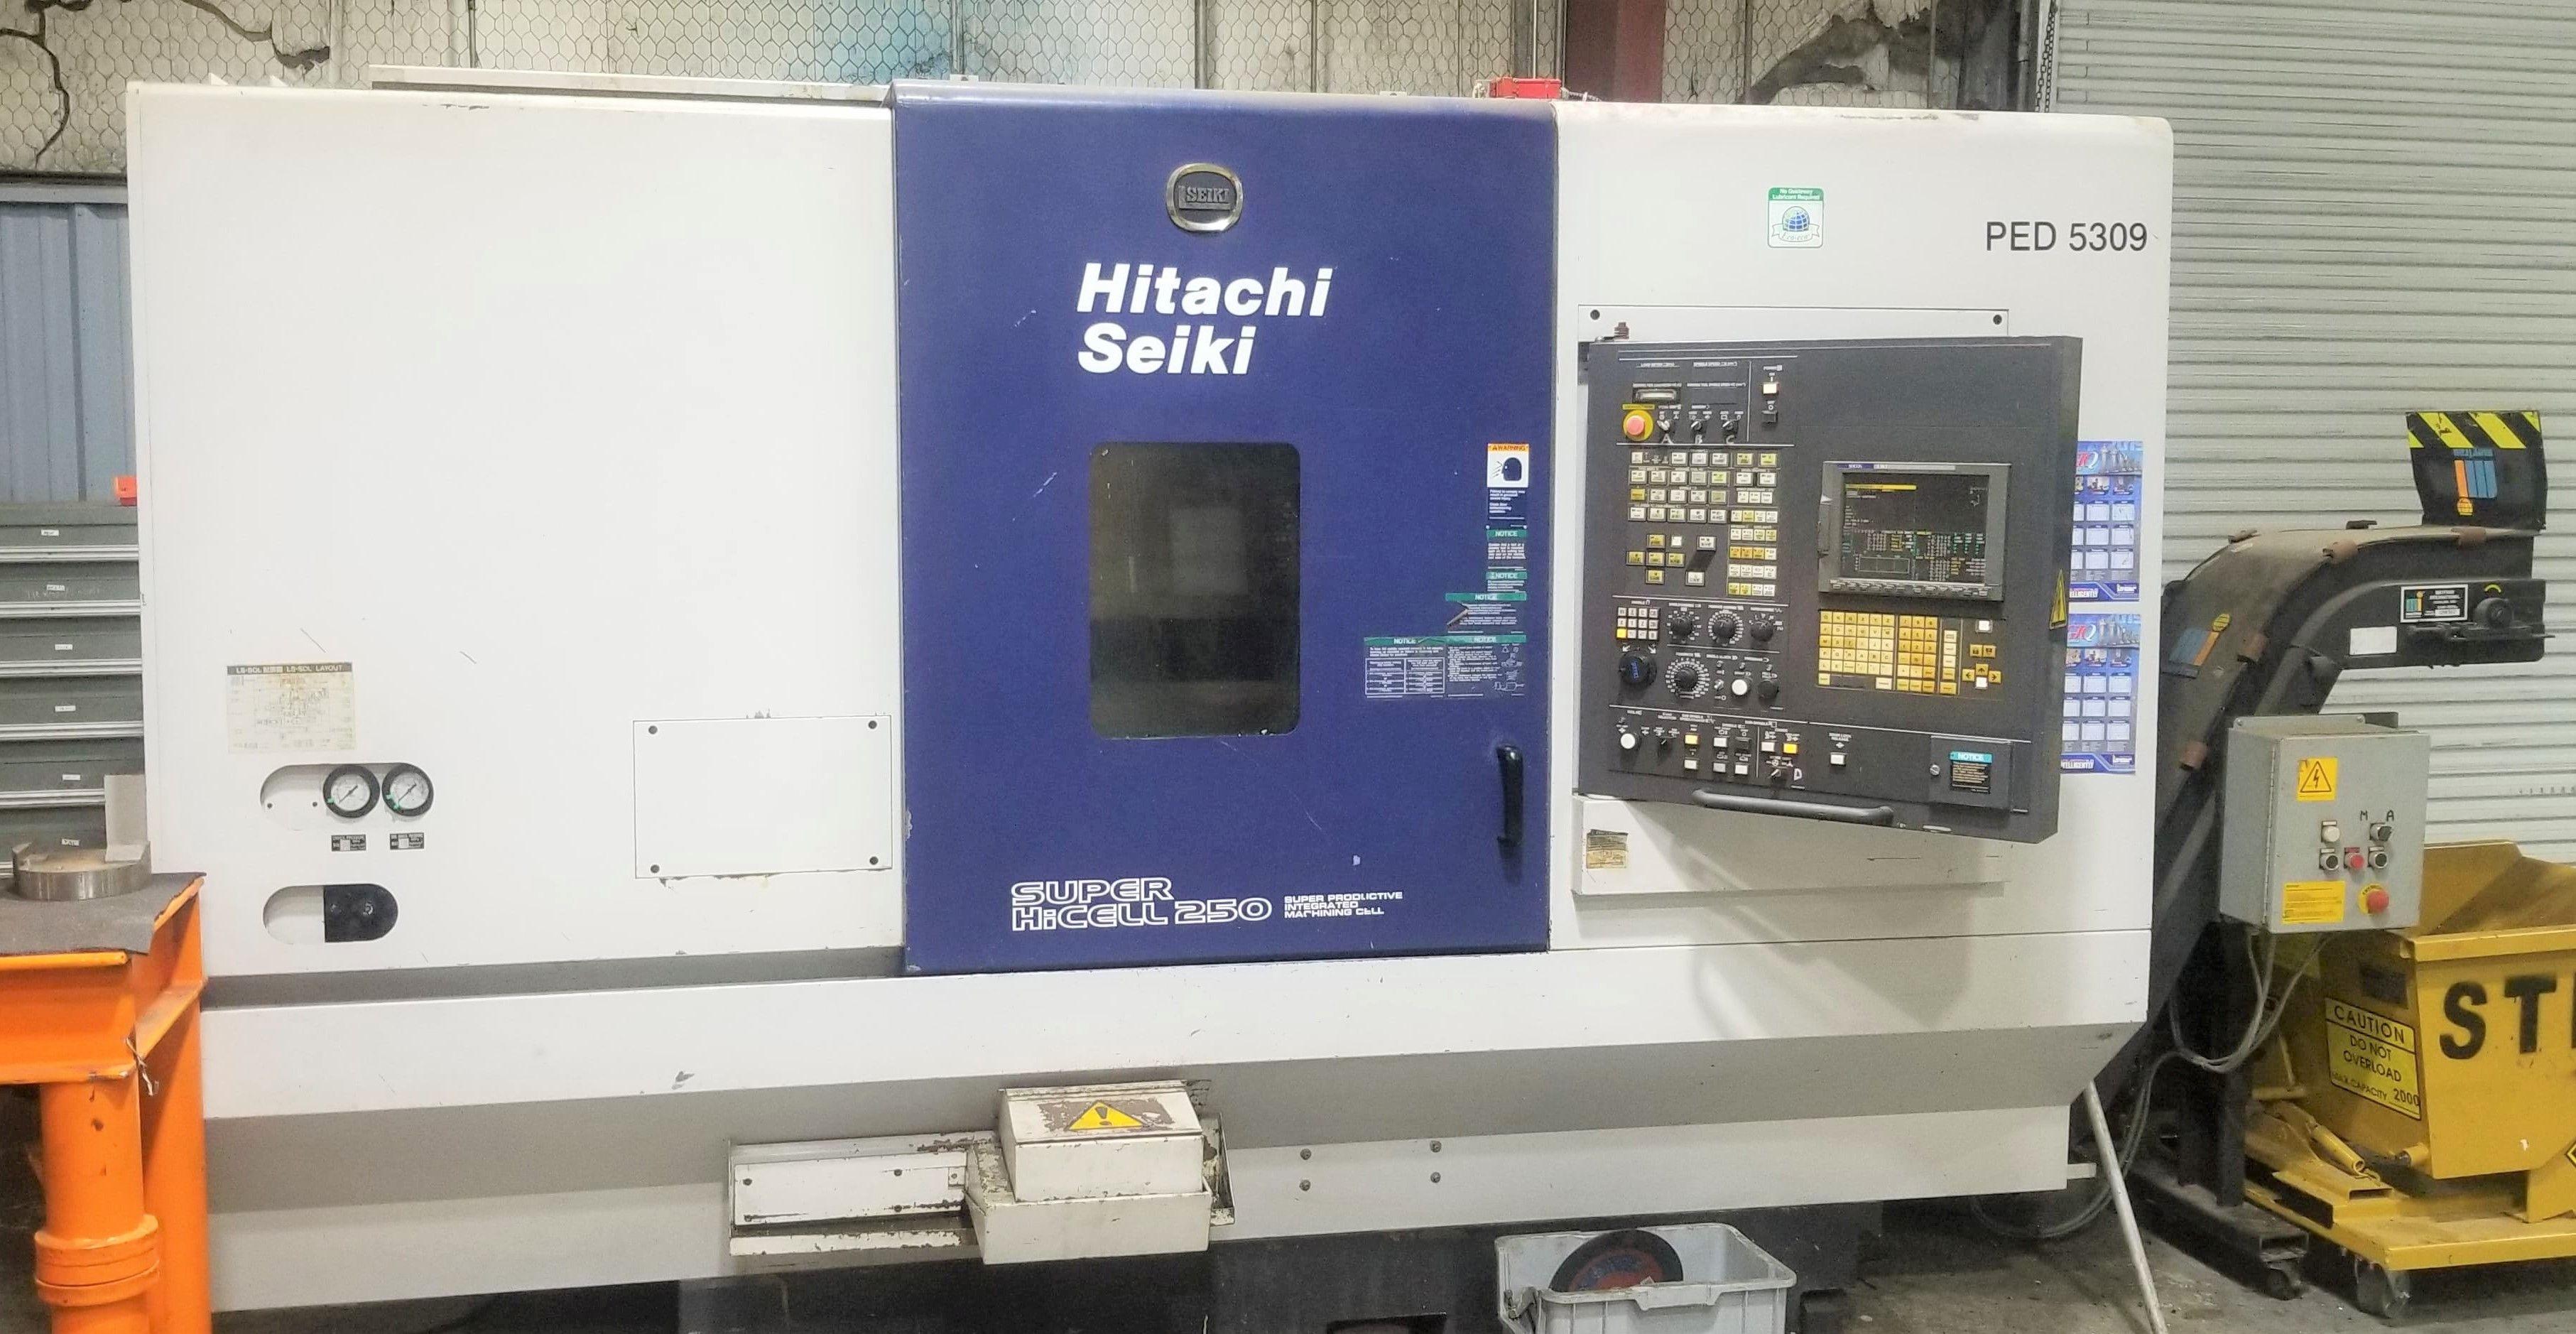 HITACHI SEIKI SUPHICELCH250